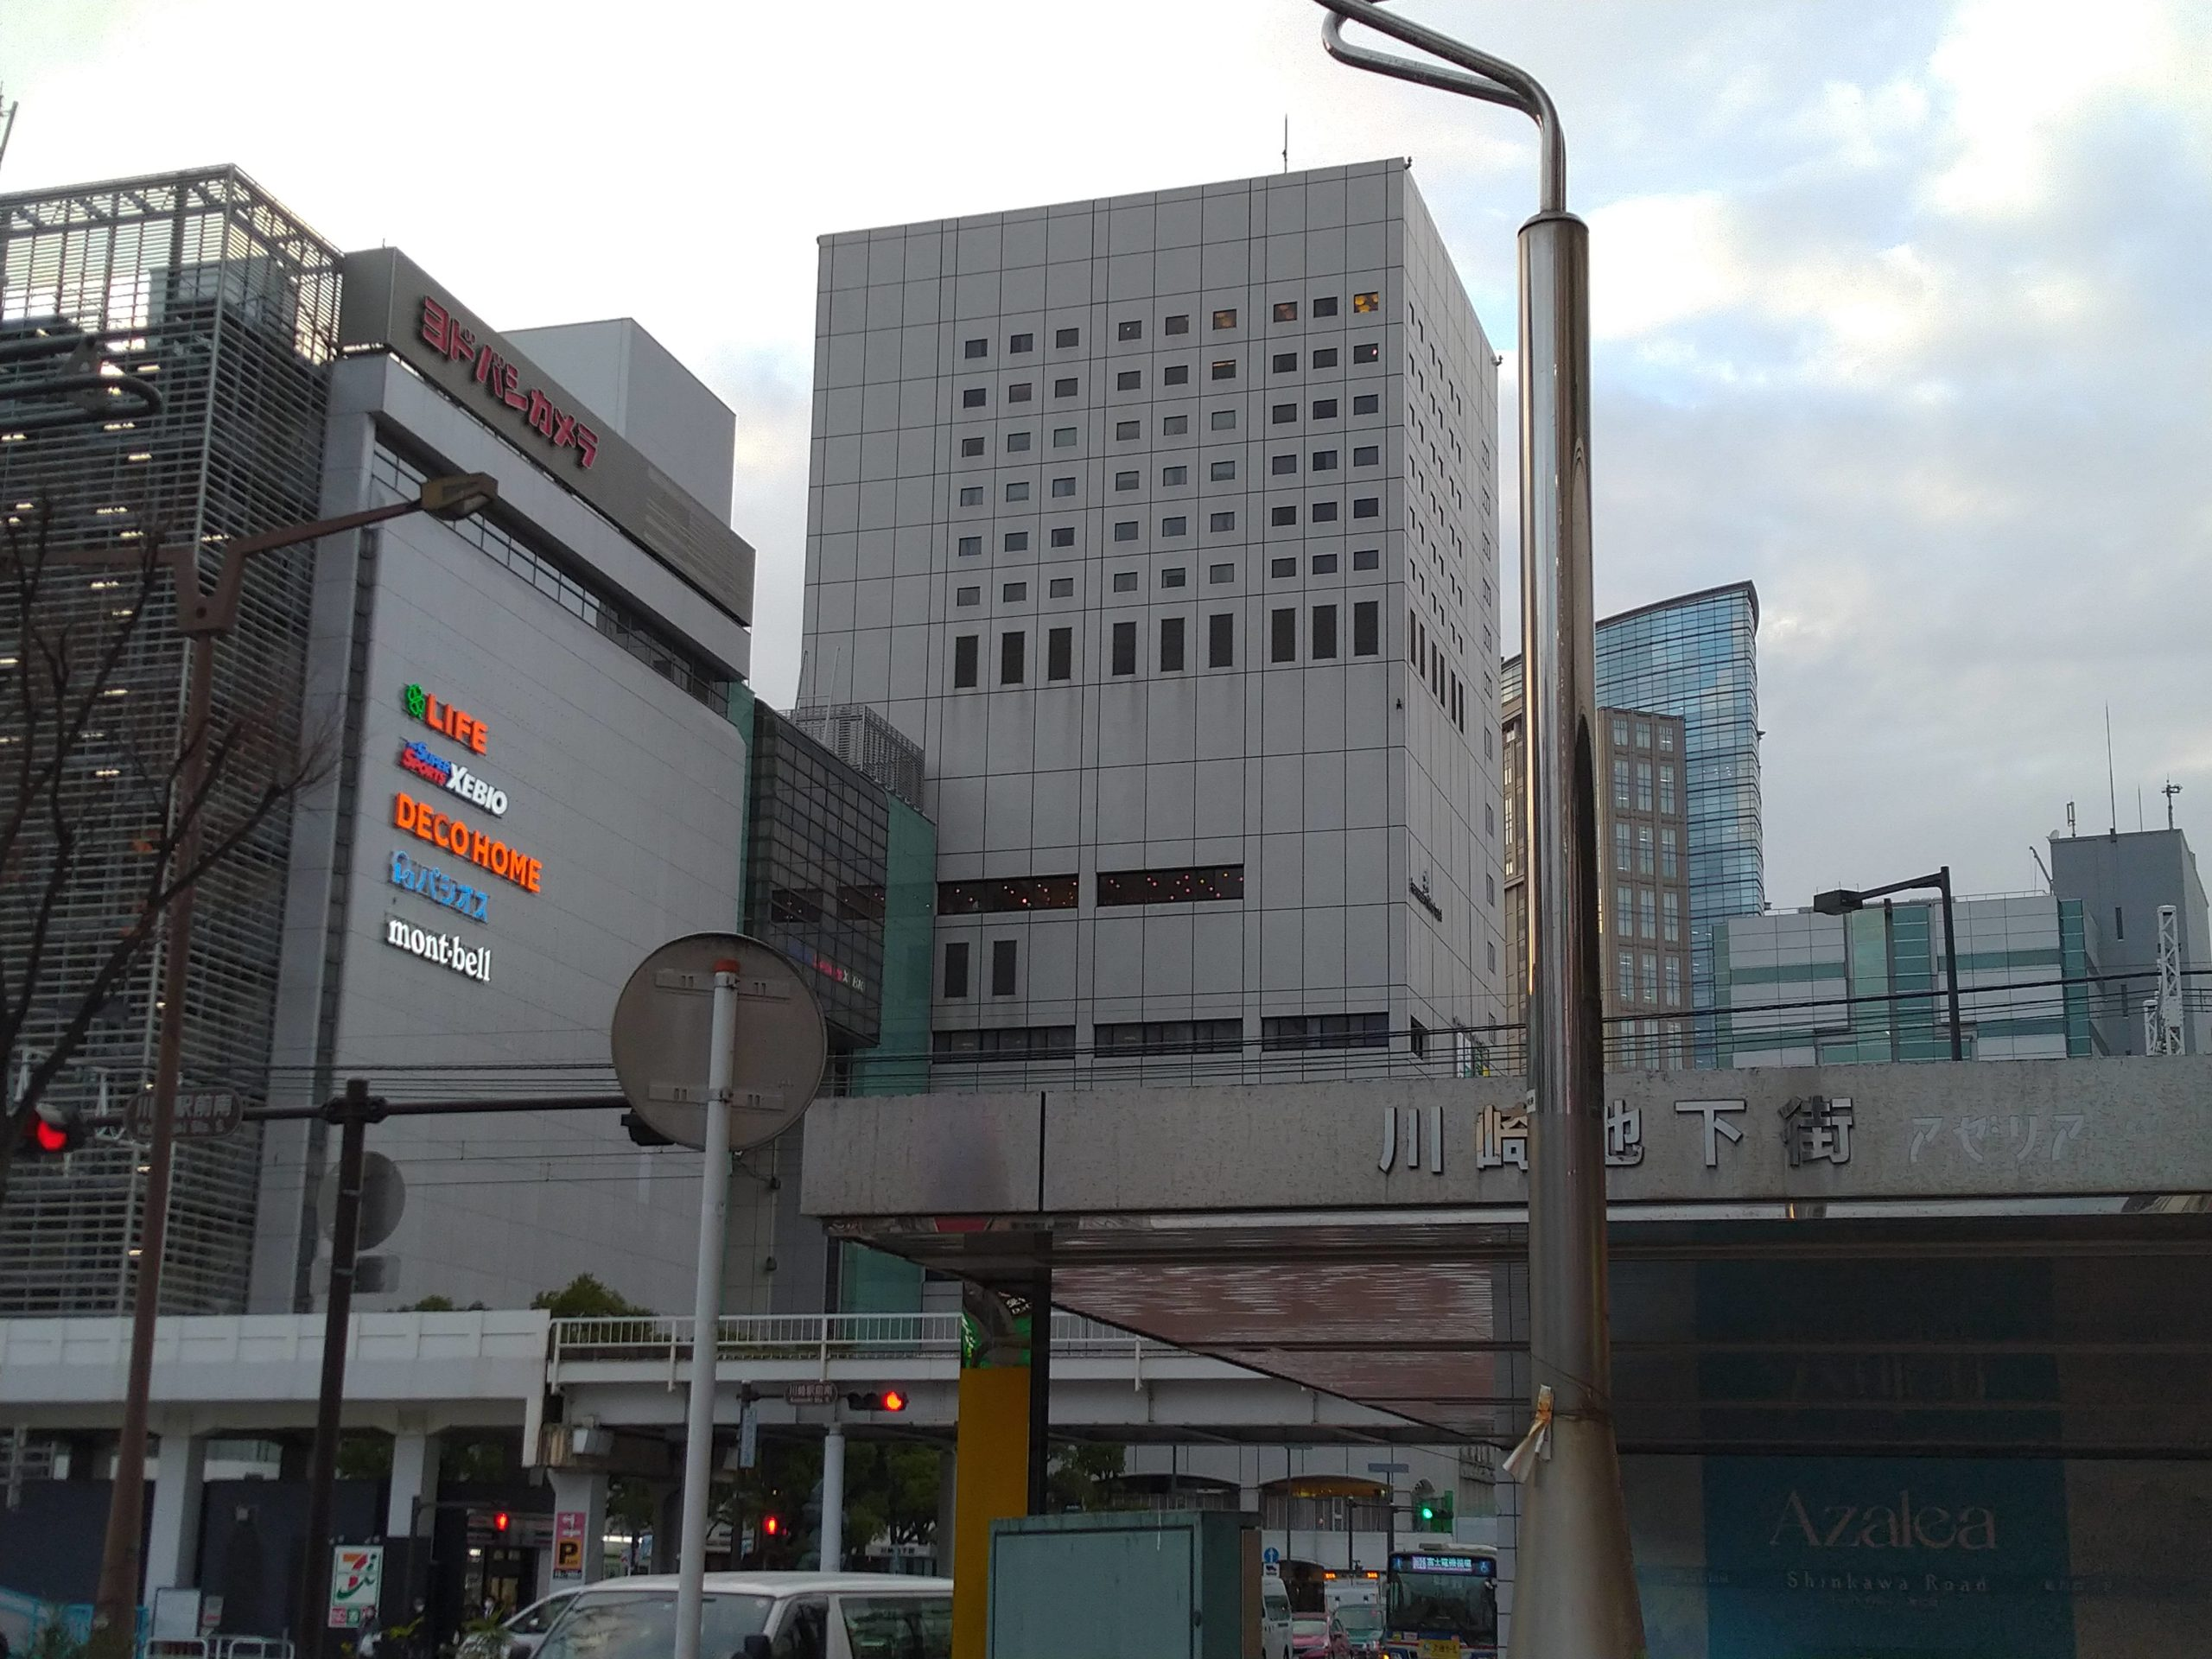 サウナ[川崎]